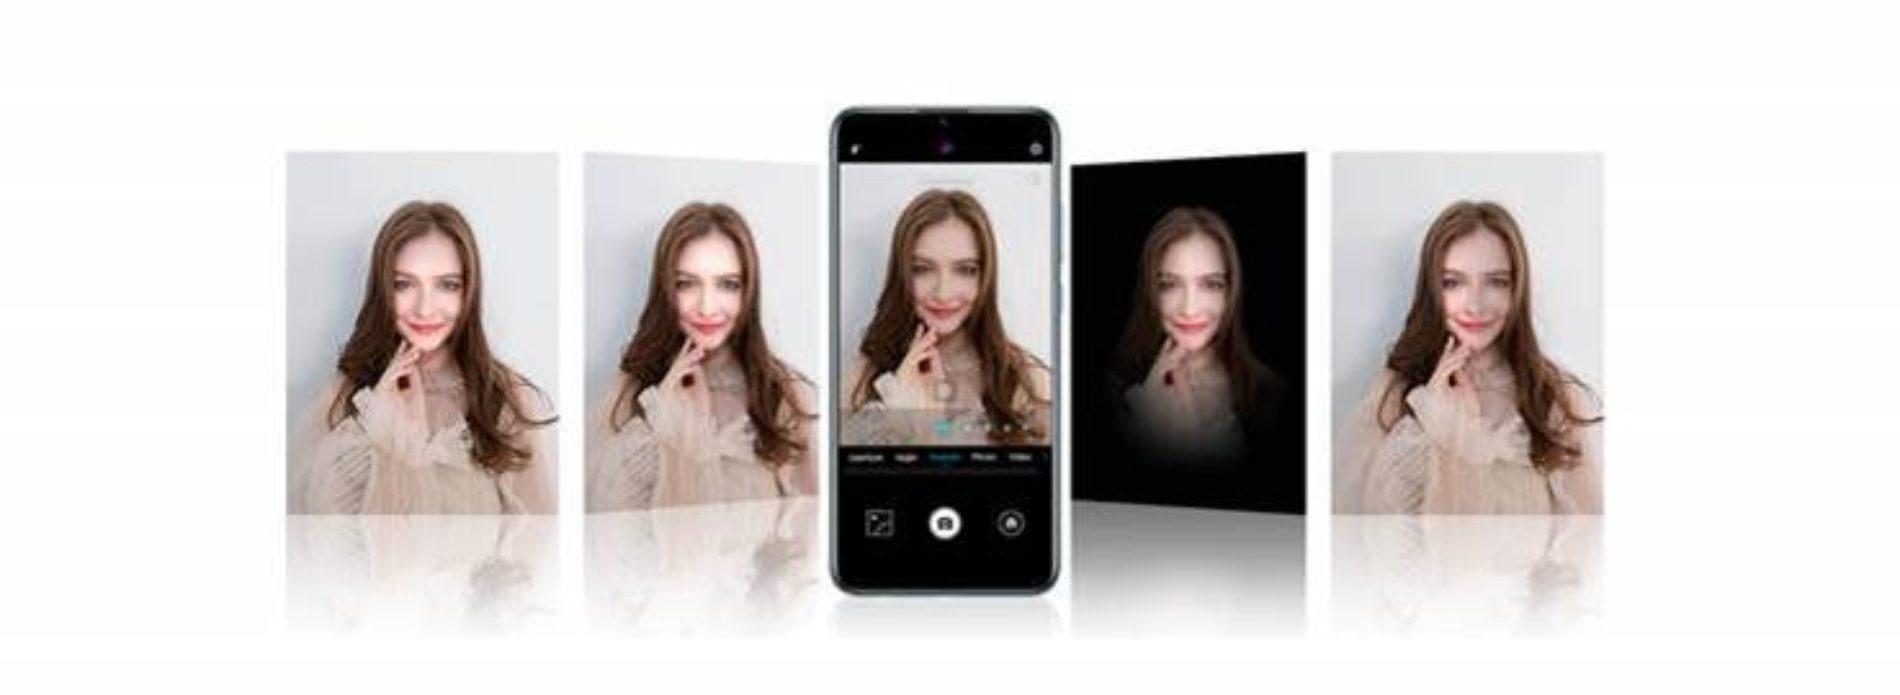 5 tips para tomar las mejores selfies con el celular